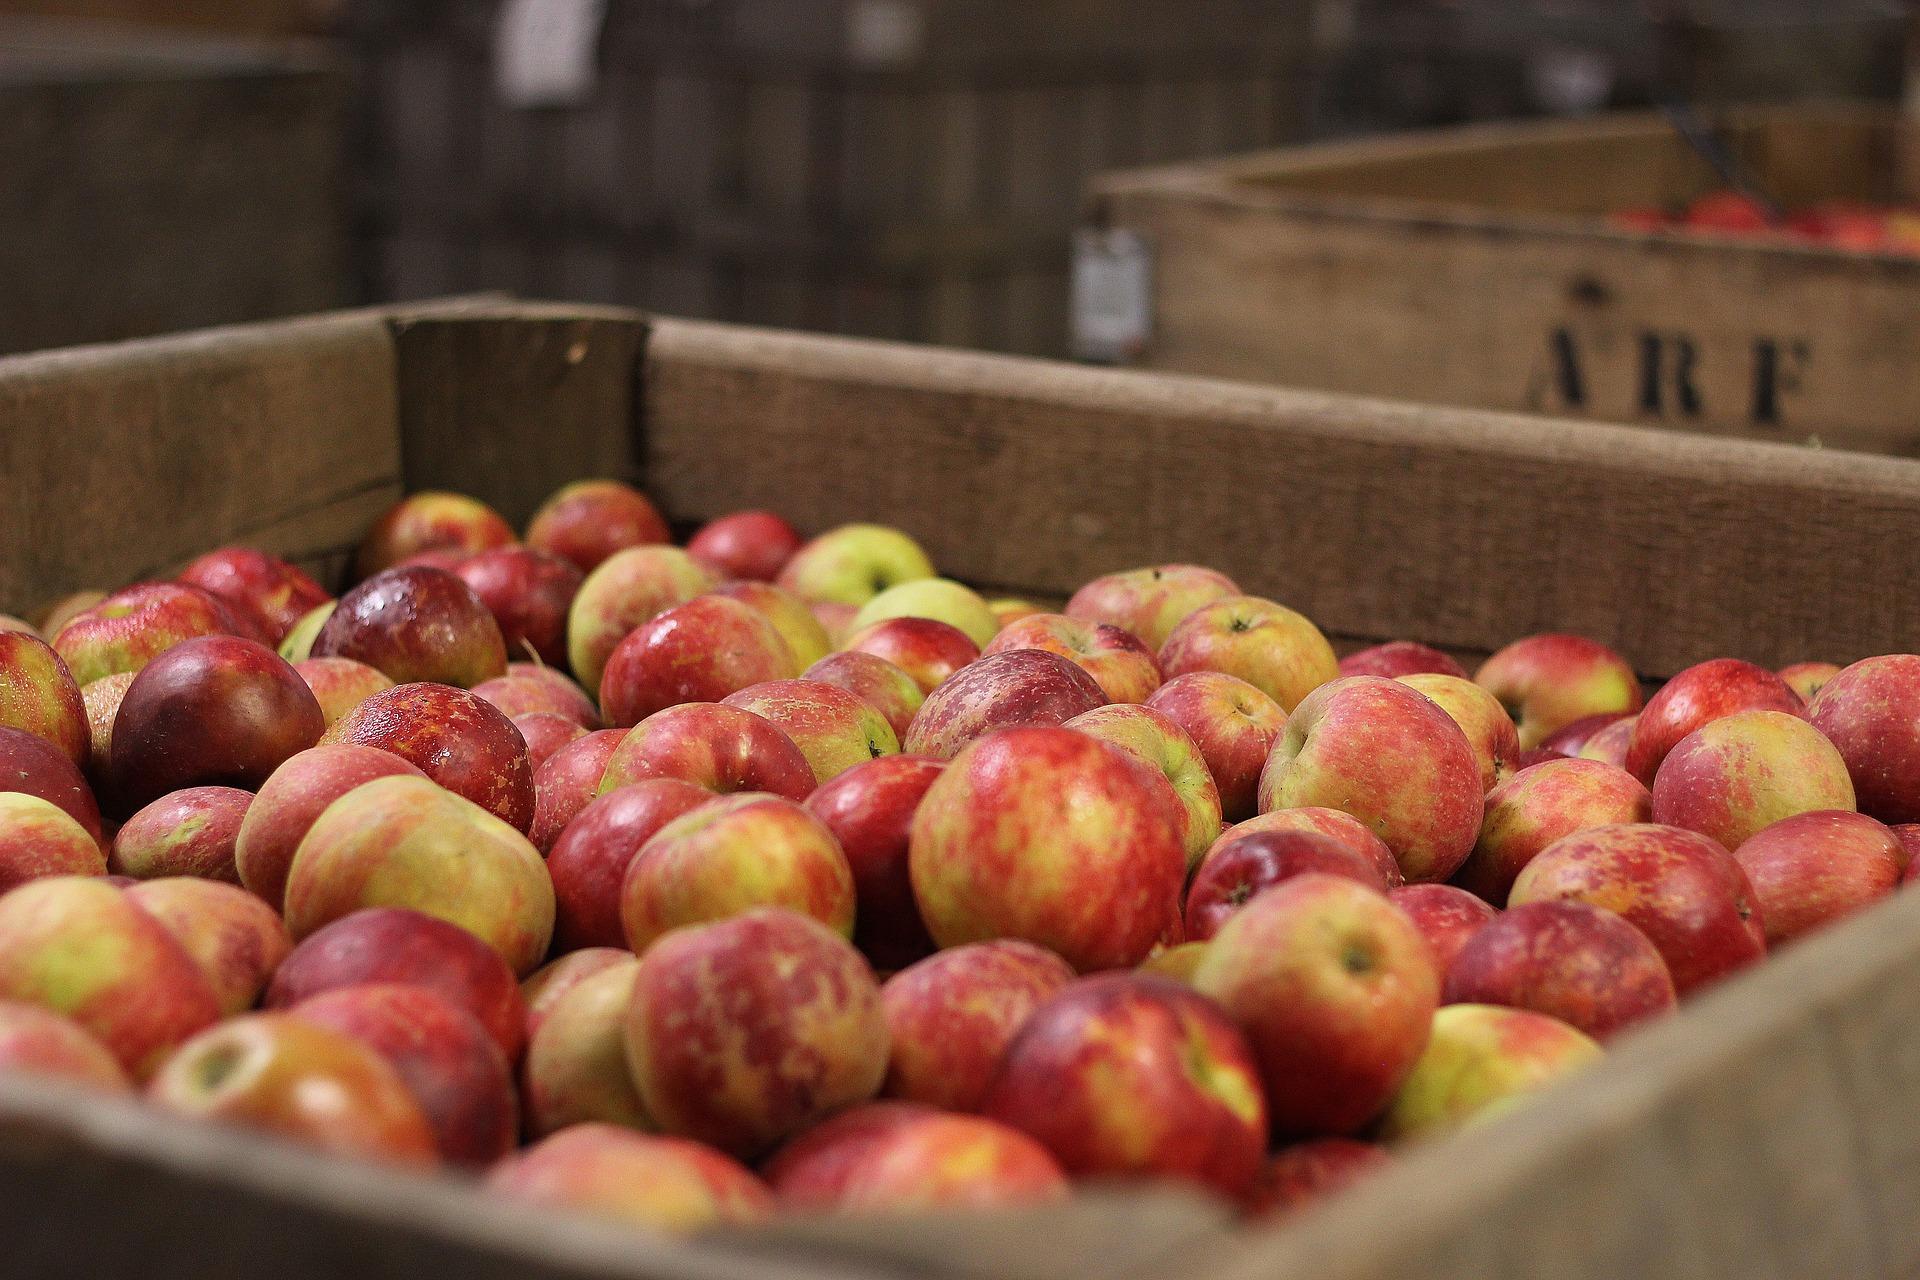 PwC: Długoterminowe umowy na dostawę owoców mogą być niekorzystne